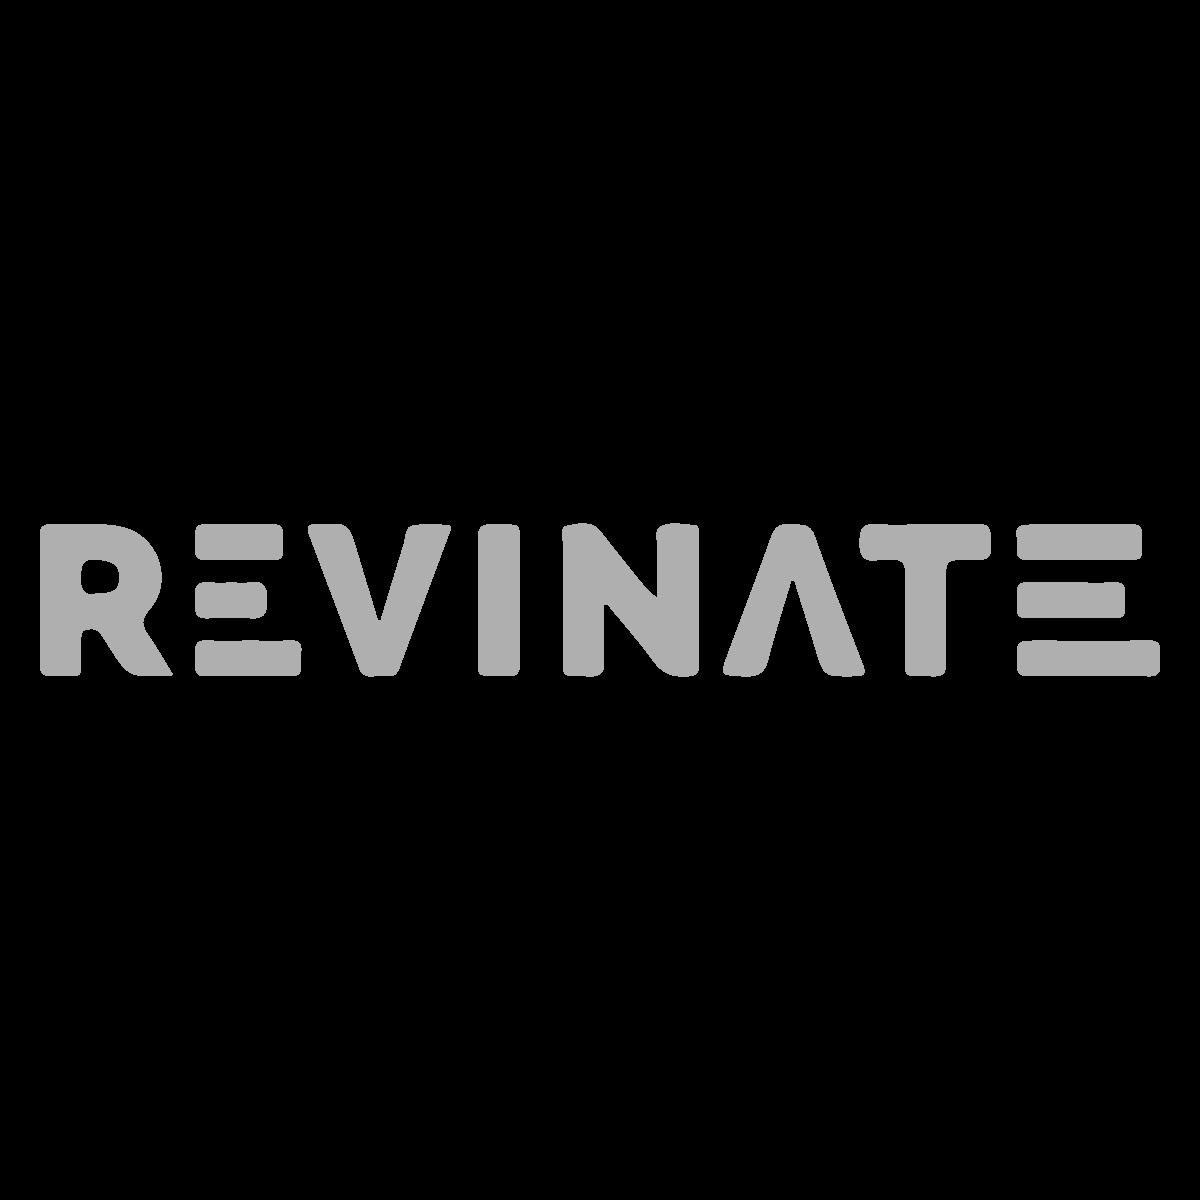 Revinate.png